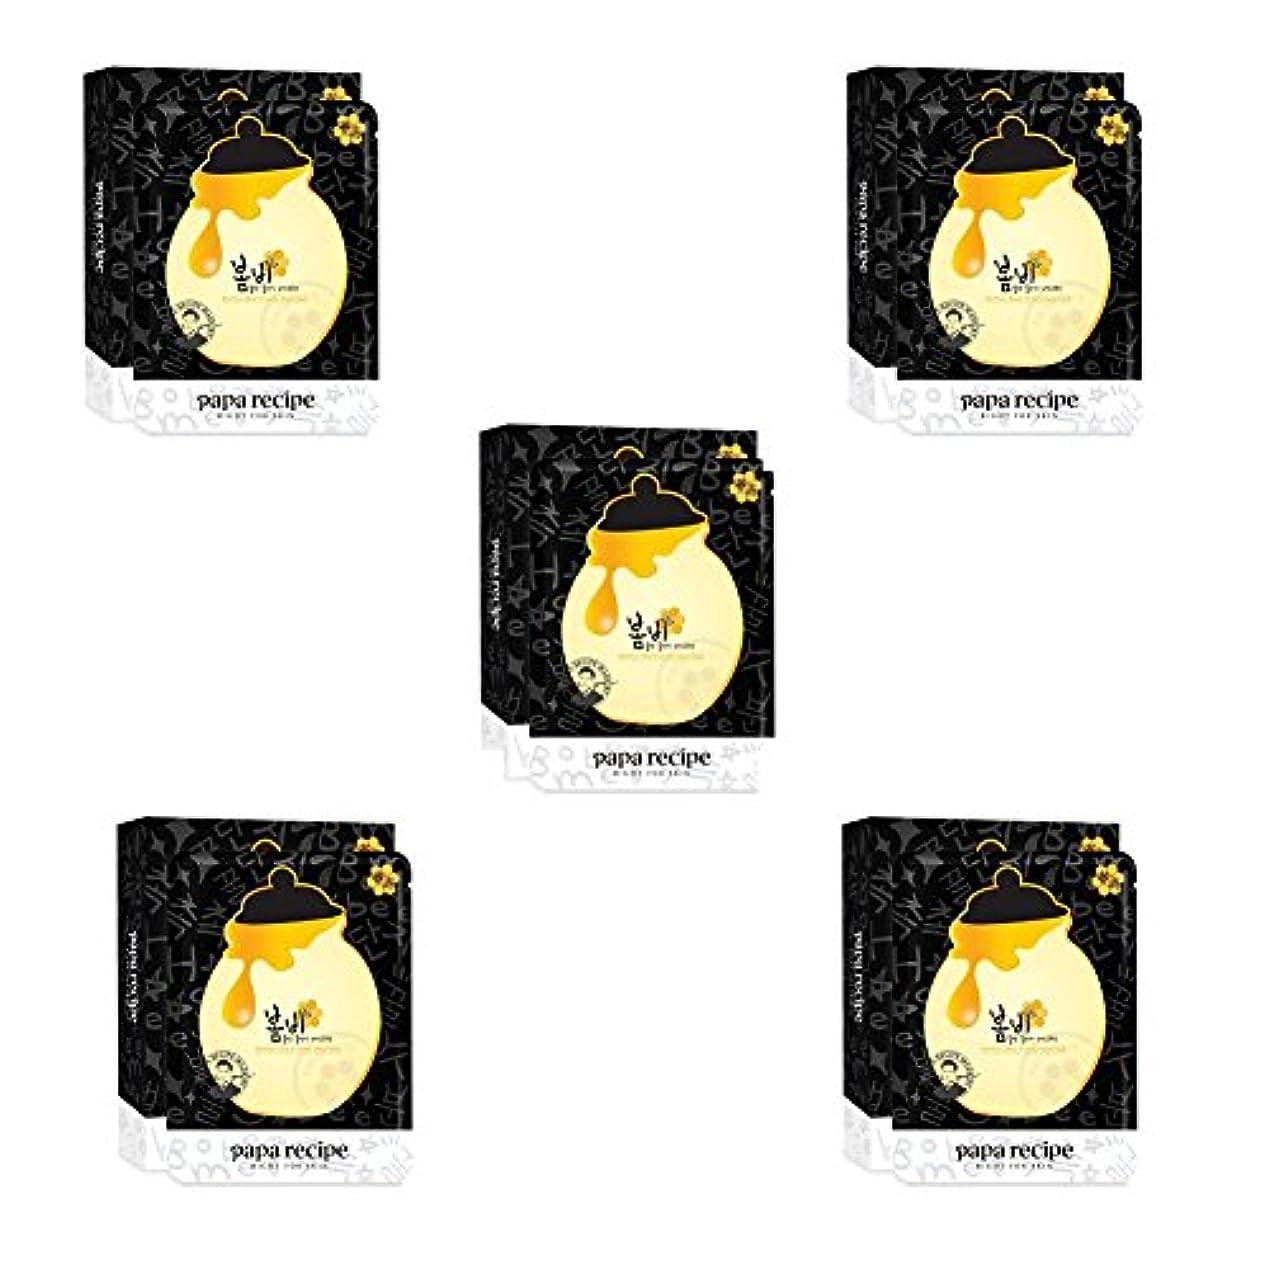 観光知覚する週間Papa Recipe Bombee Black Honey Mask Pack (10sheets X 5) パパレシピ ボムビー ブラックハニー マスクパック (10sheets X 5)